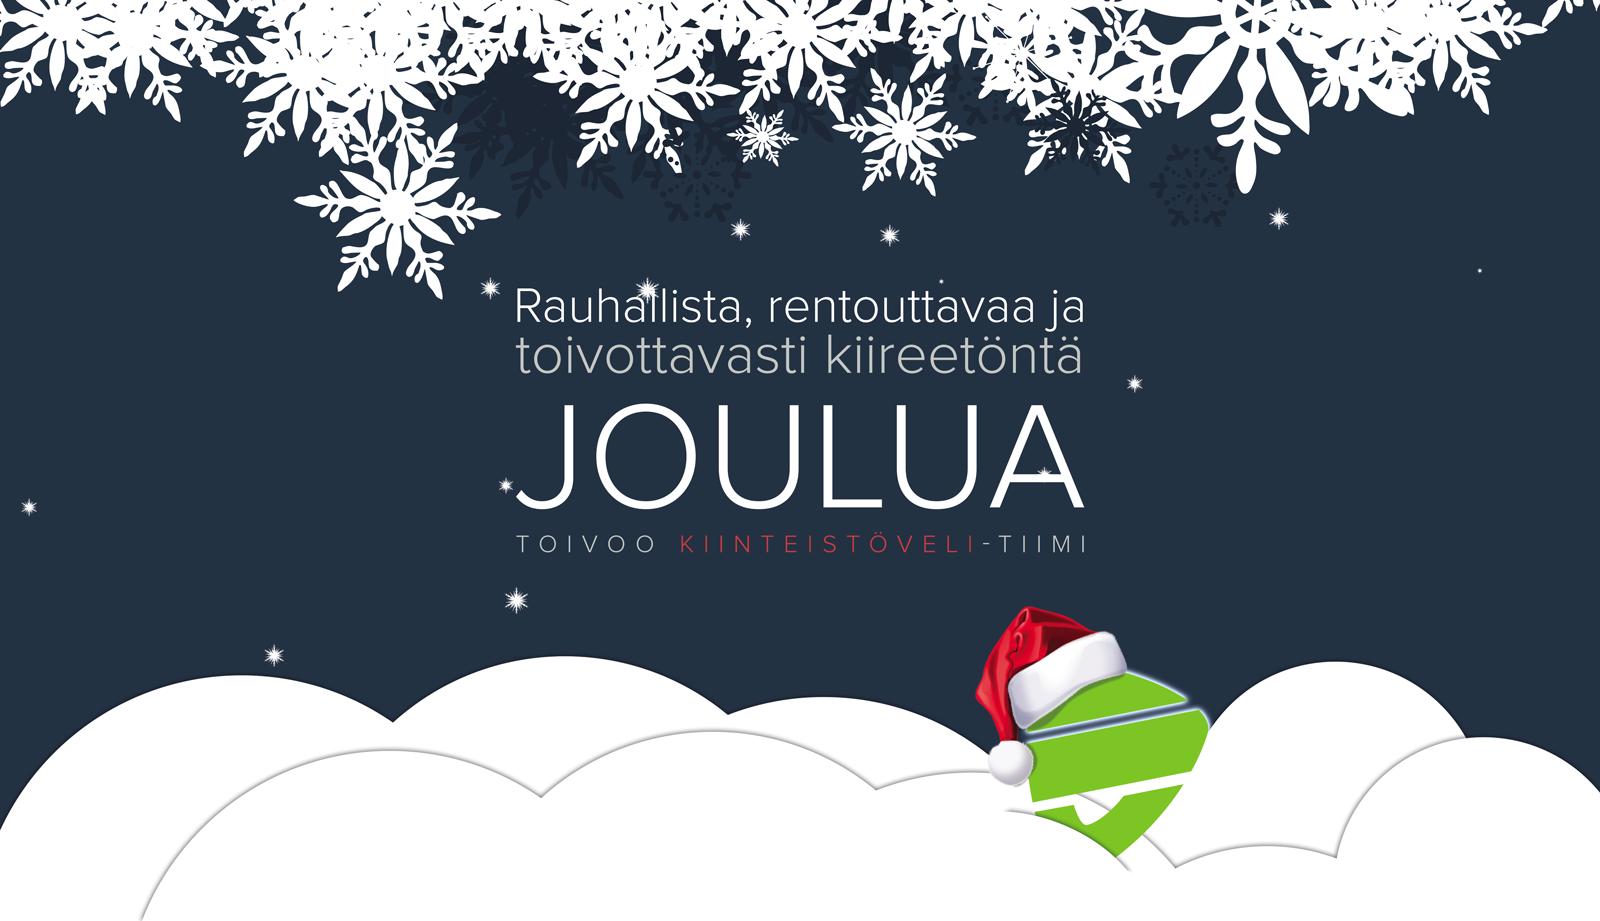 joulutoivotus-verkkosivu2015